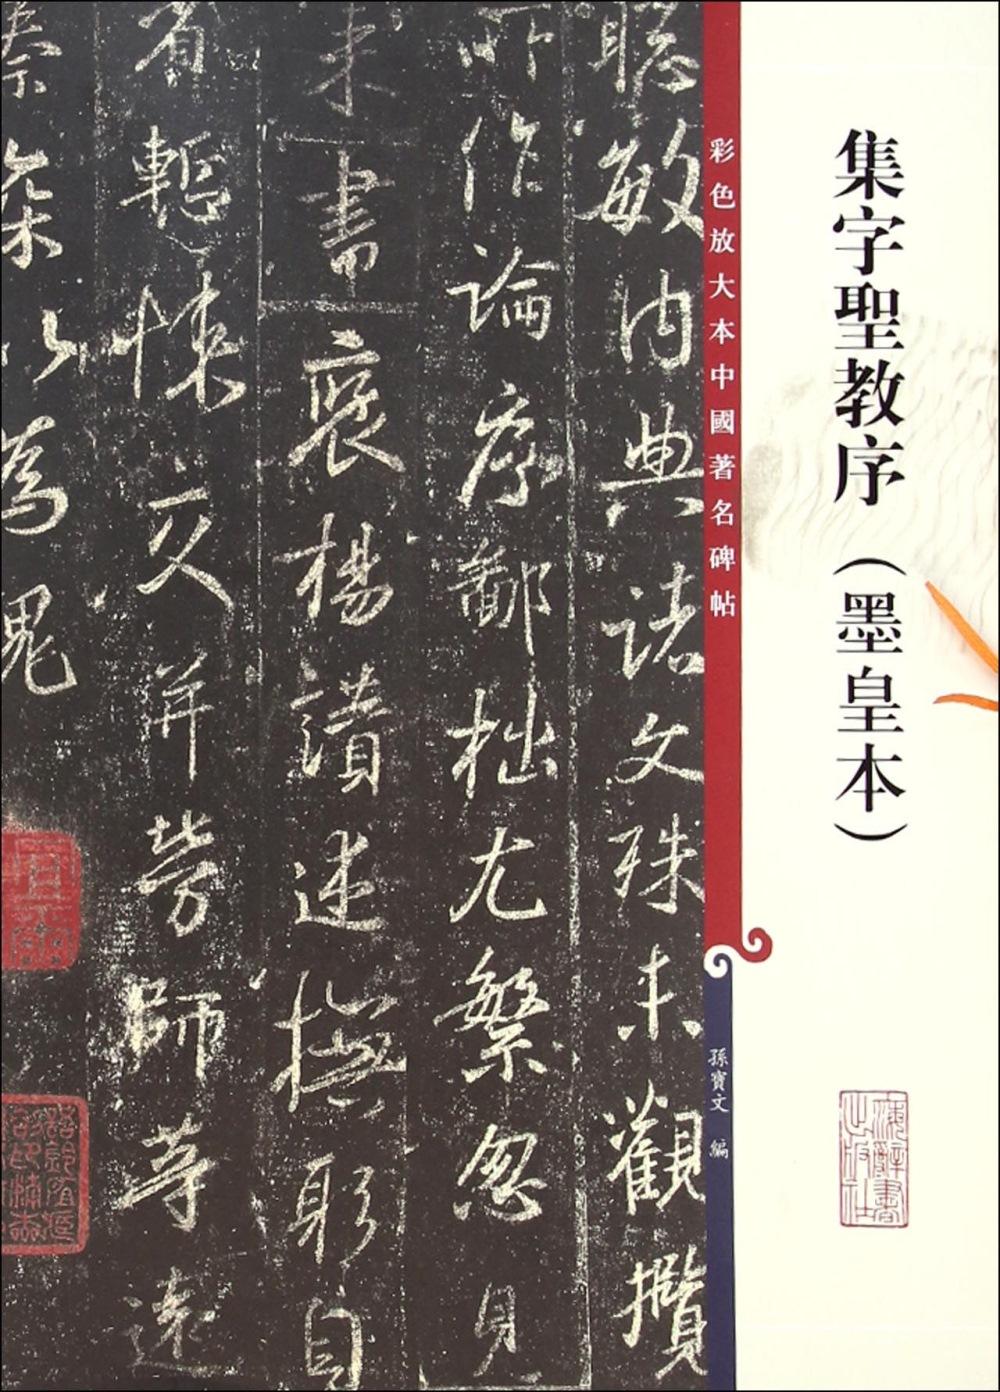 彩色放大本中國著名碑帖--集字聖教序(墨皇本)